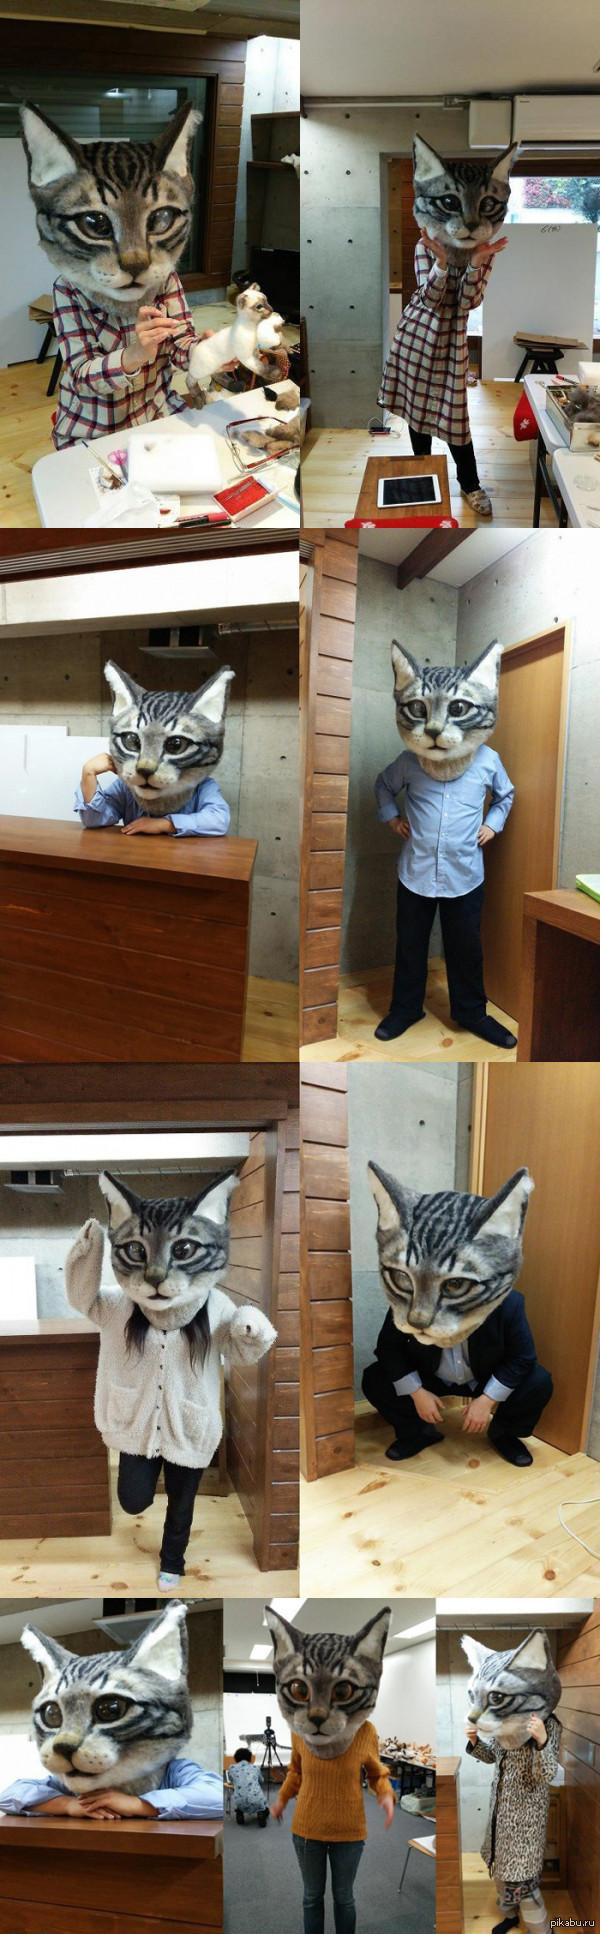 Гигантская голова кота В Художественном музее Метрополитен в Токио Housetu Sato и его студенты-художники представили пугающе реалистичную гигантскую голову кота из войлока.